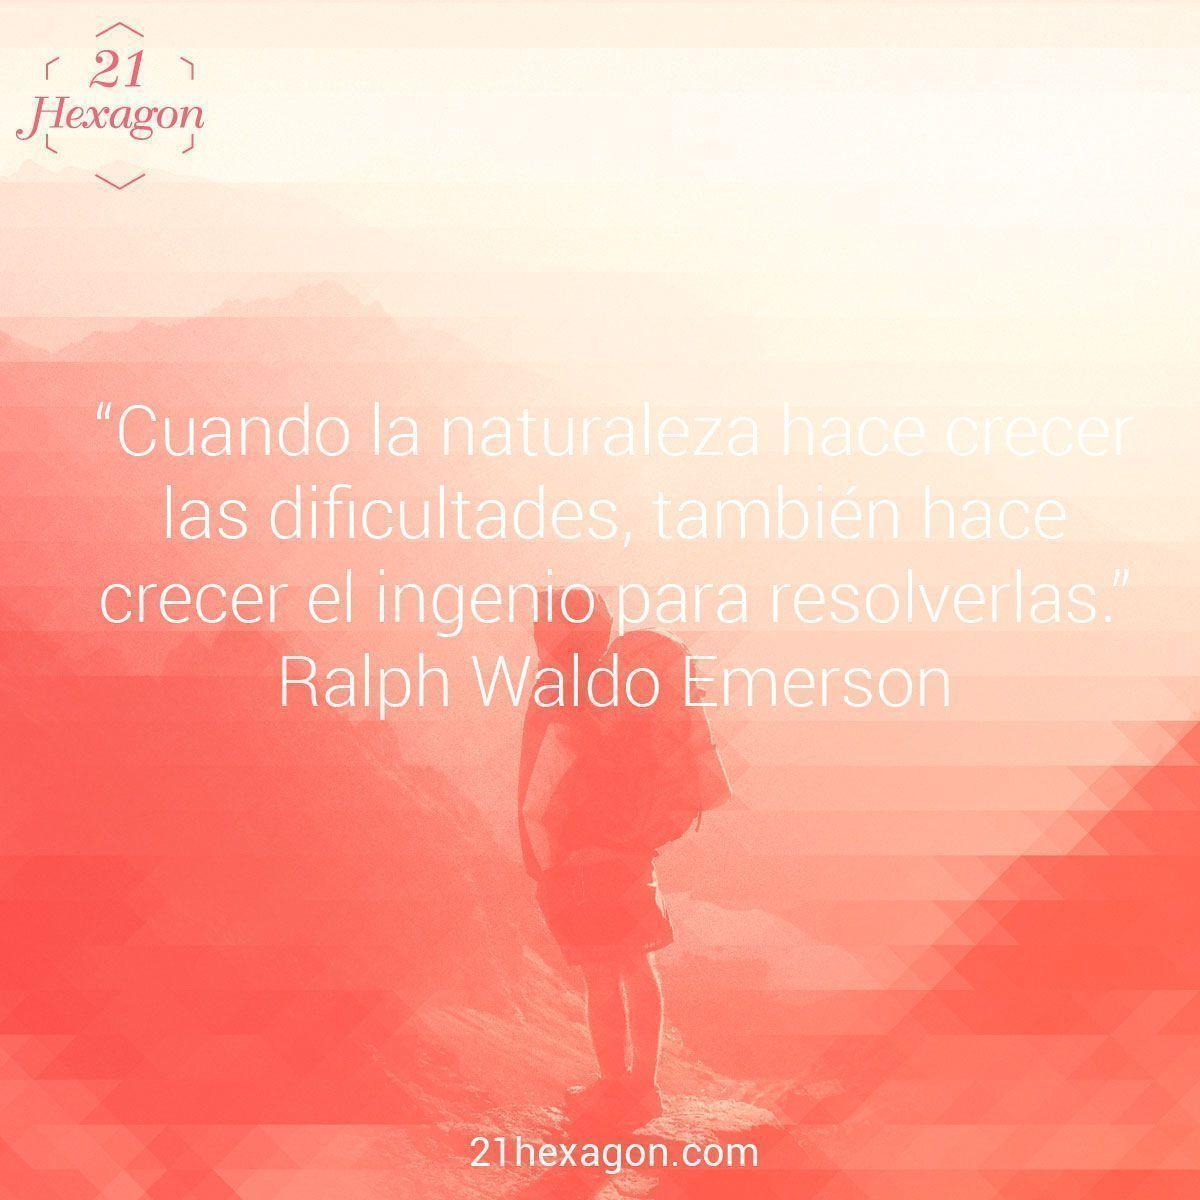 quotes_21hexagon_29.jpg